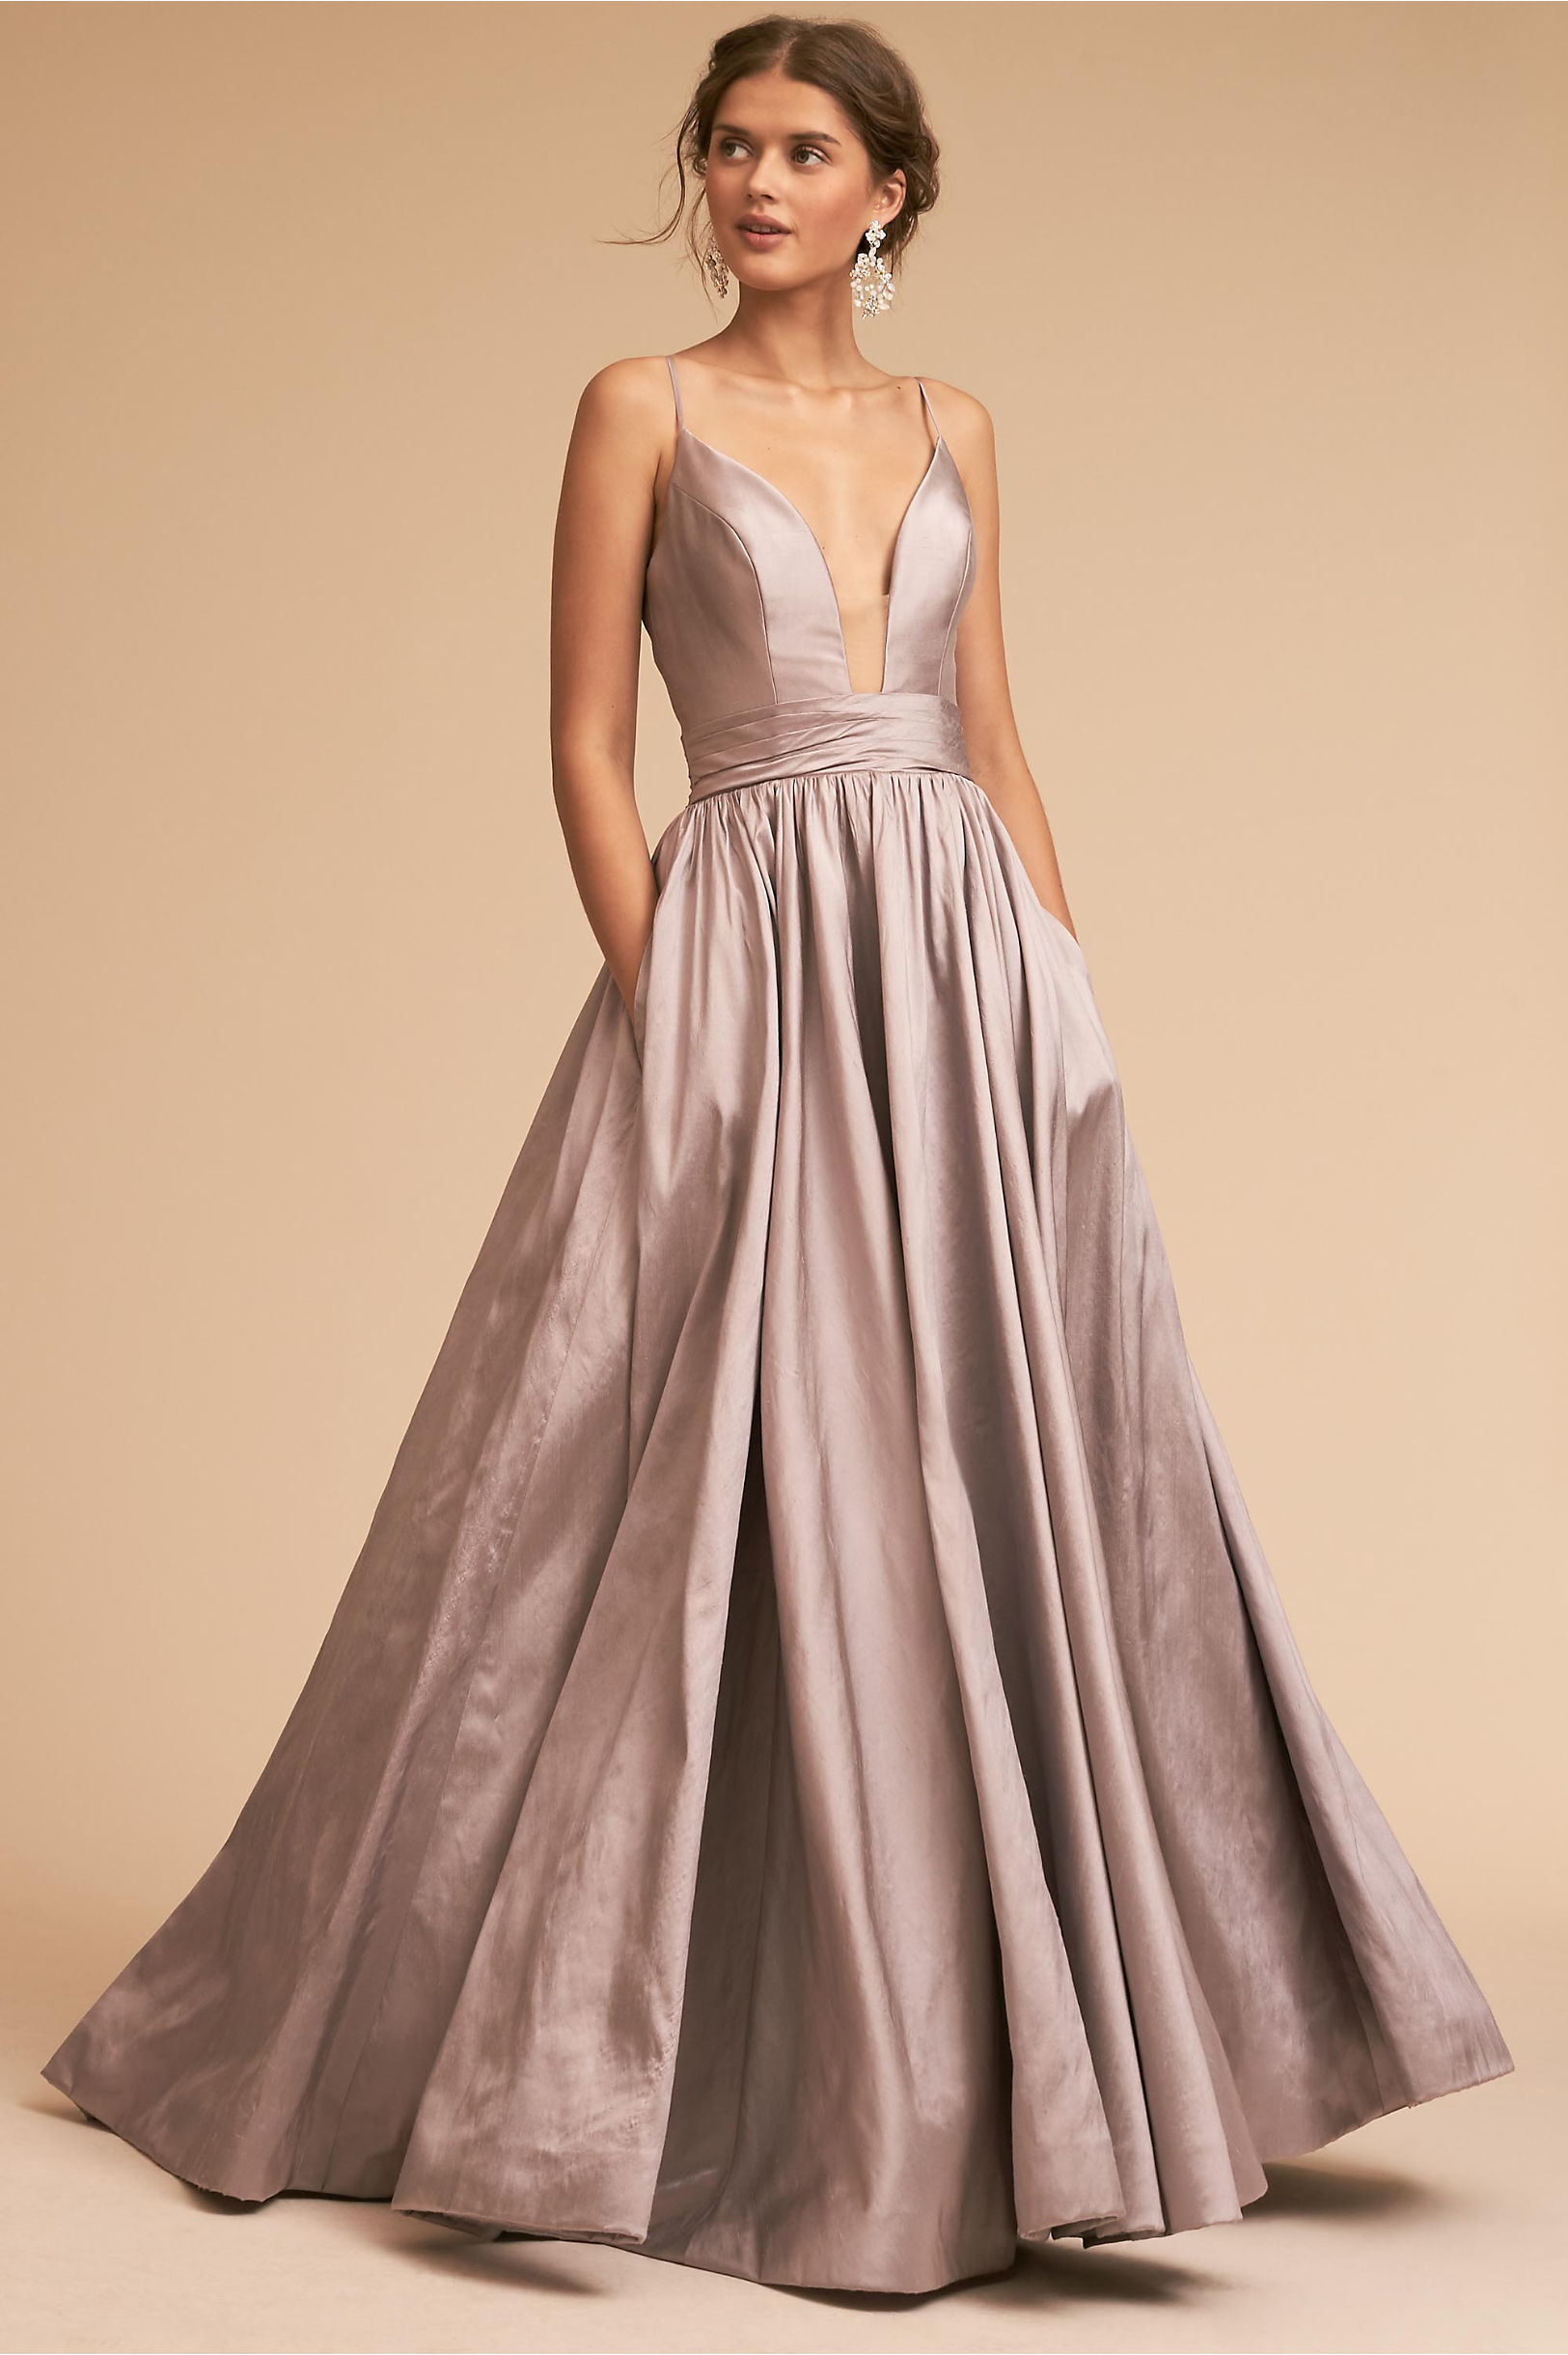 Cydney Dress in Sale | BHLDN